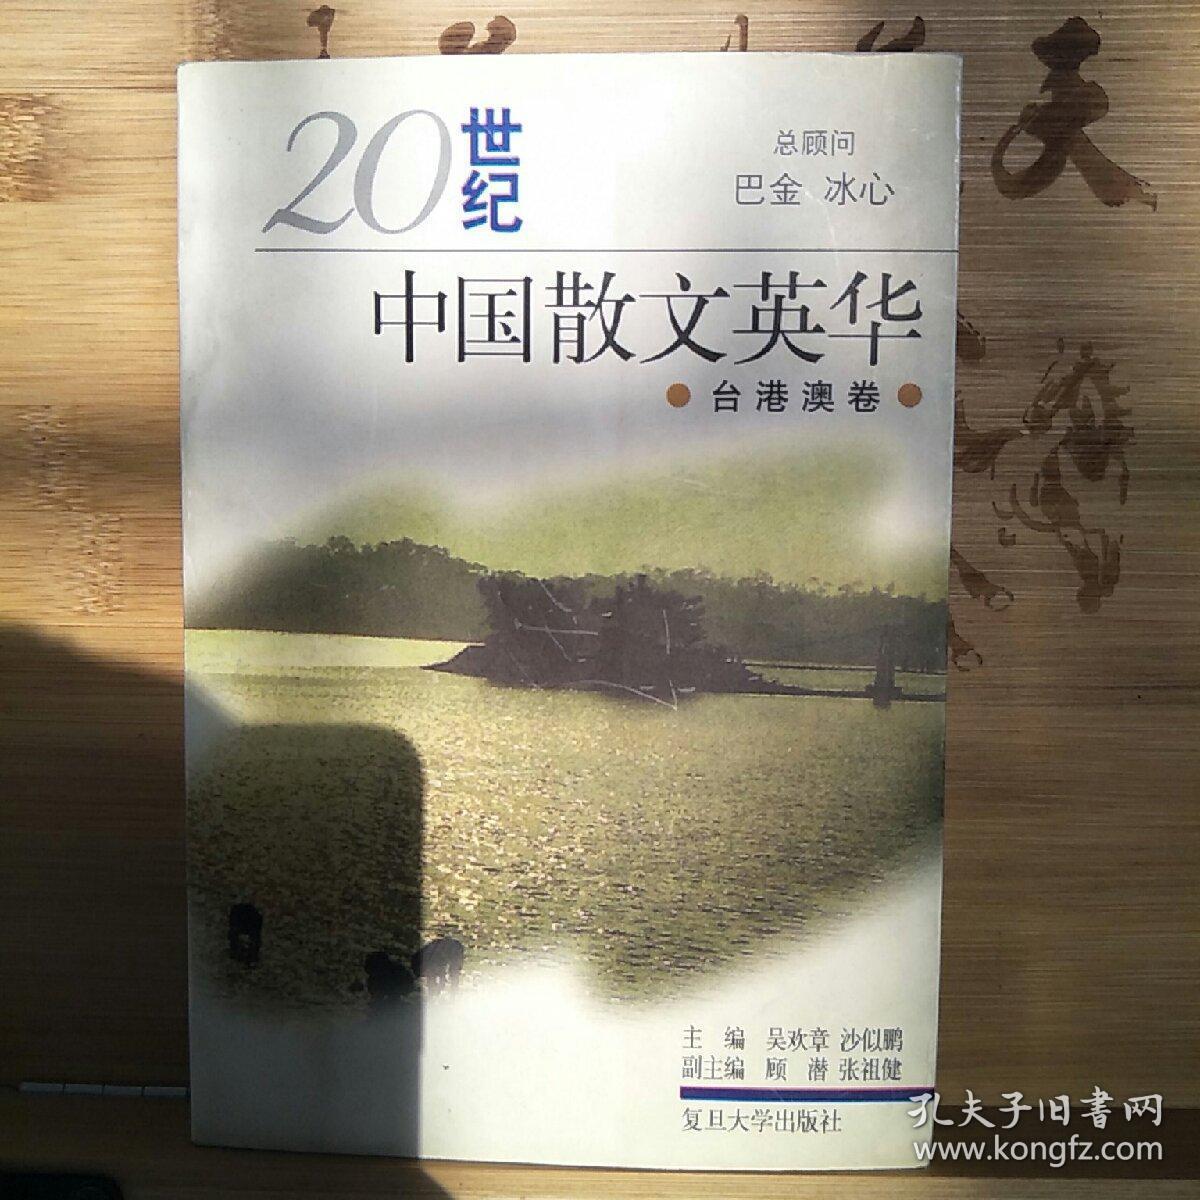 20世纪中国散文英华(台港澳卷)